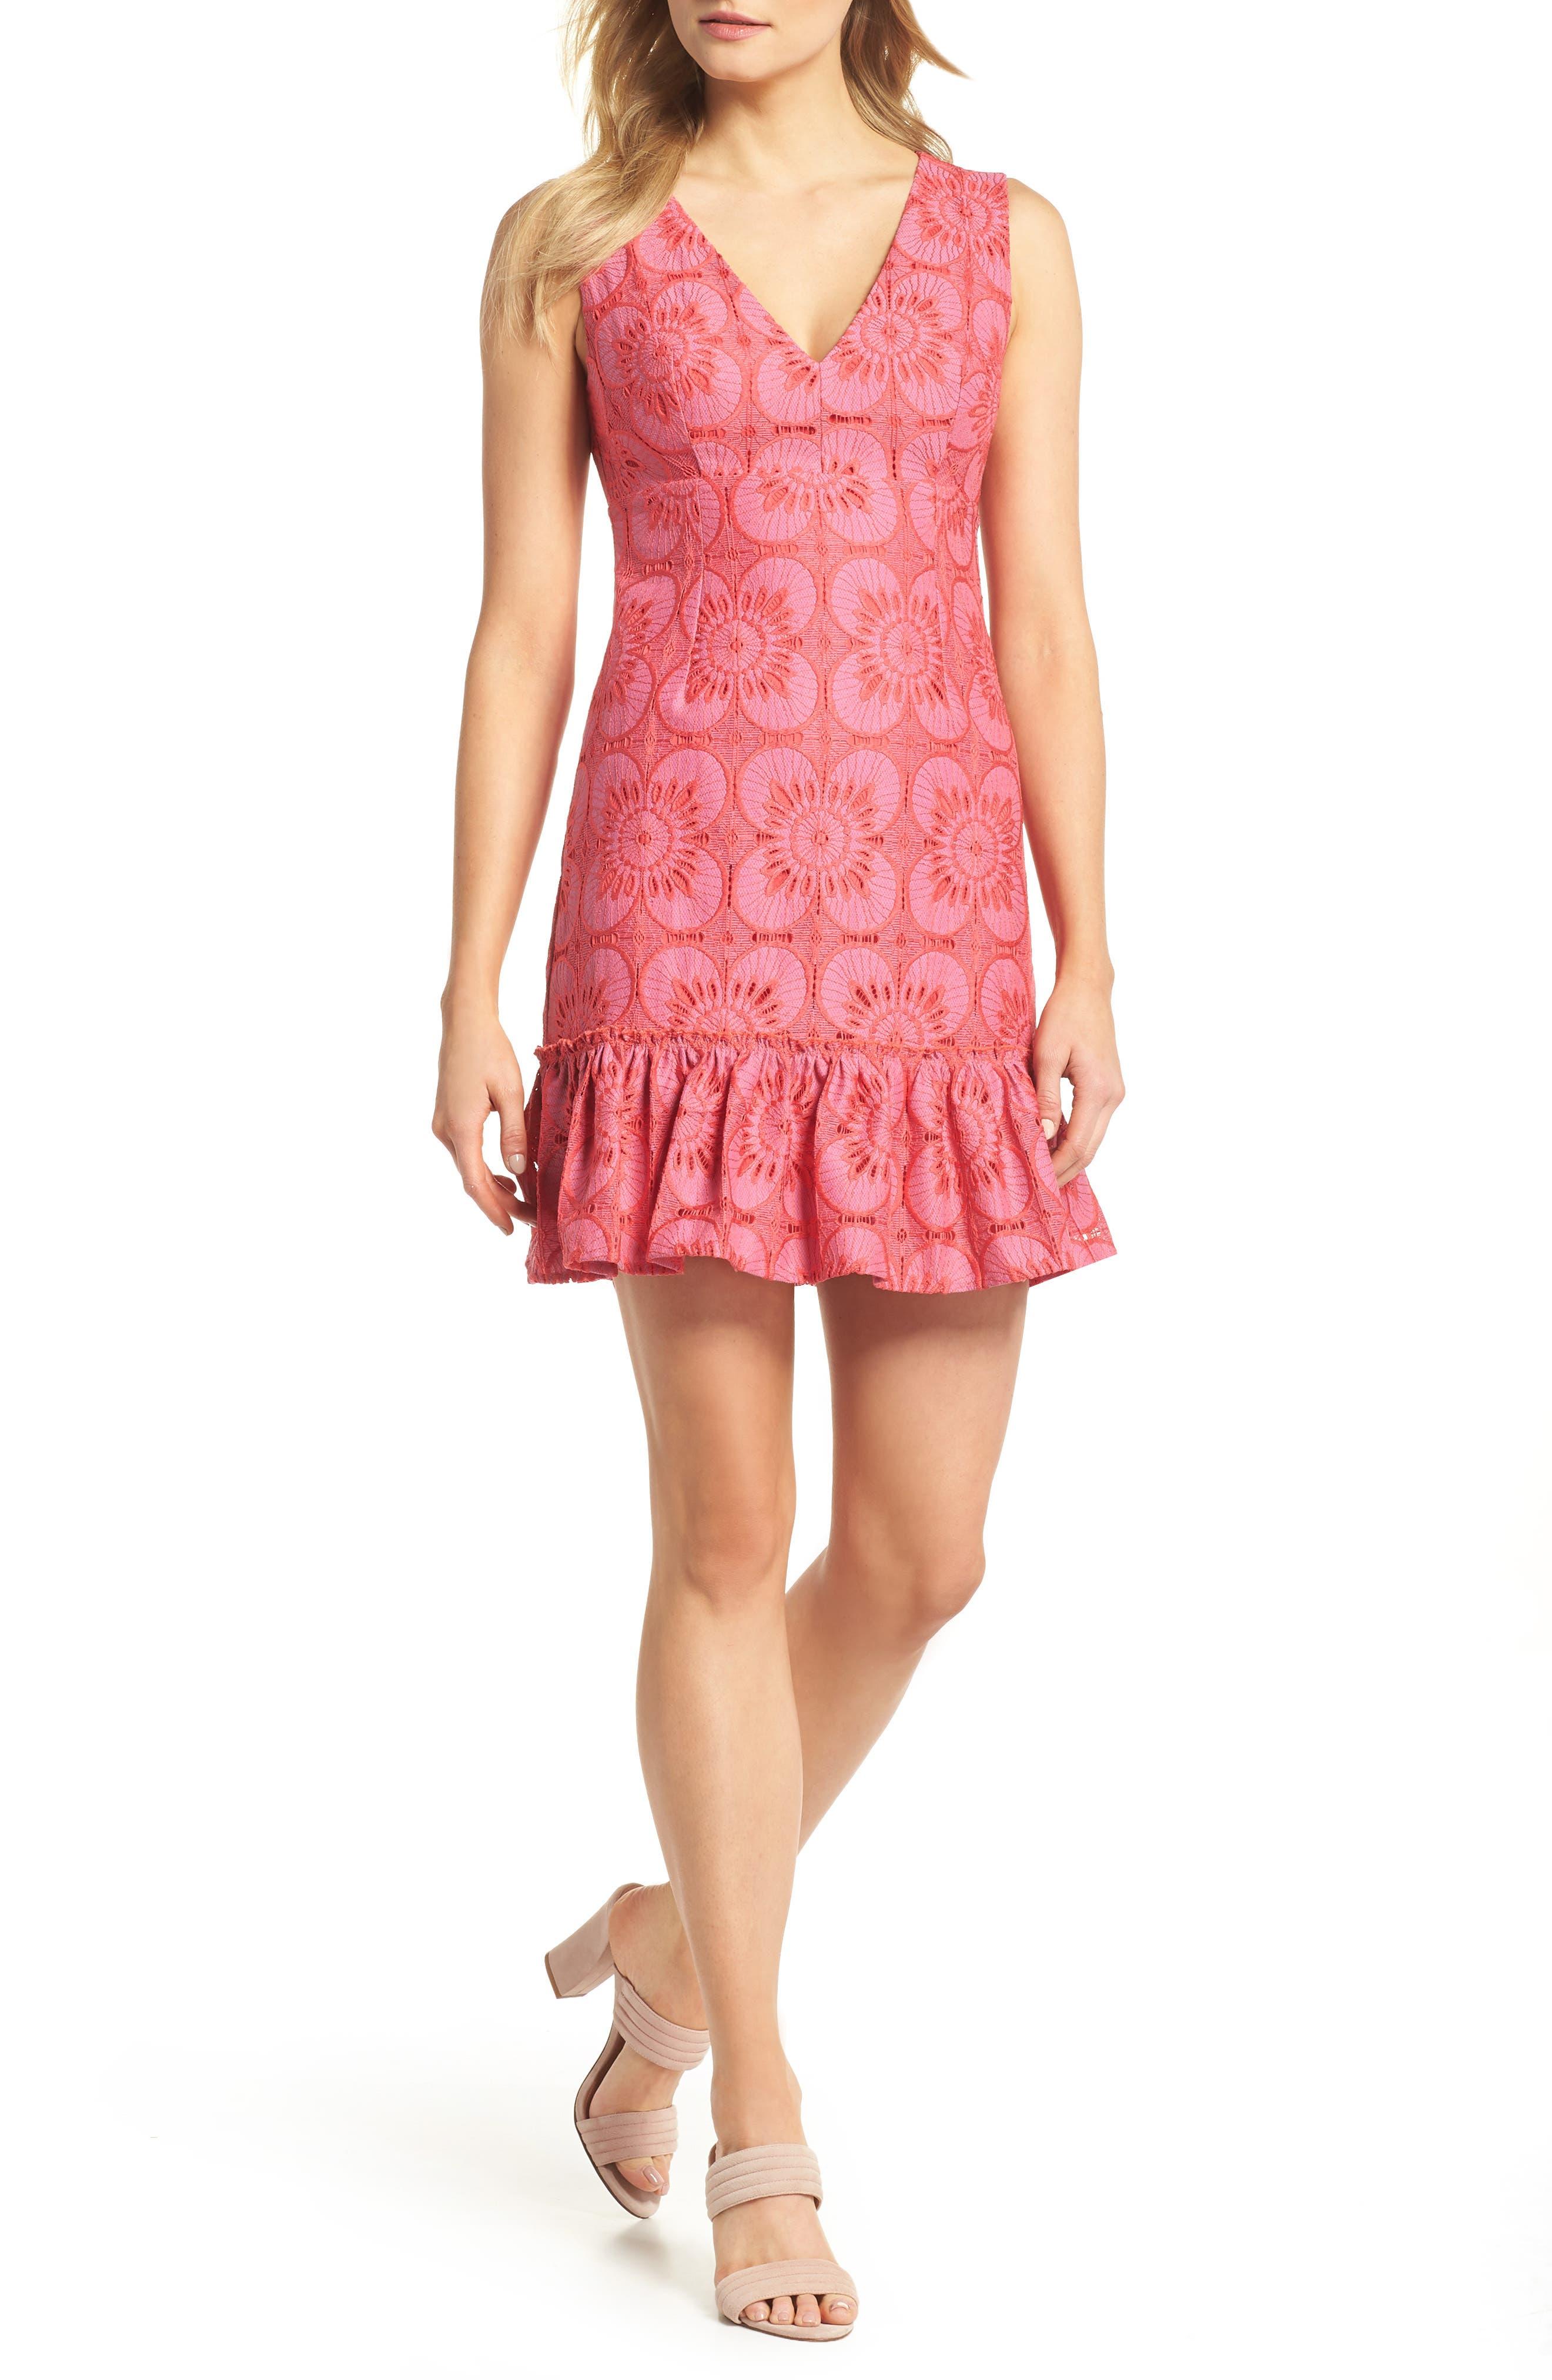 Carpinteria Lace Ruffle Hem Dress,                         Main,                         color, Peony